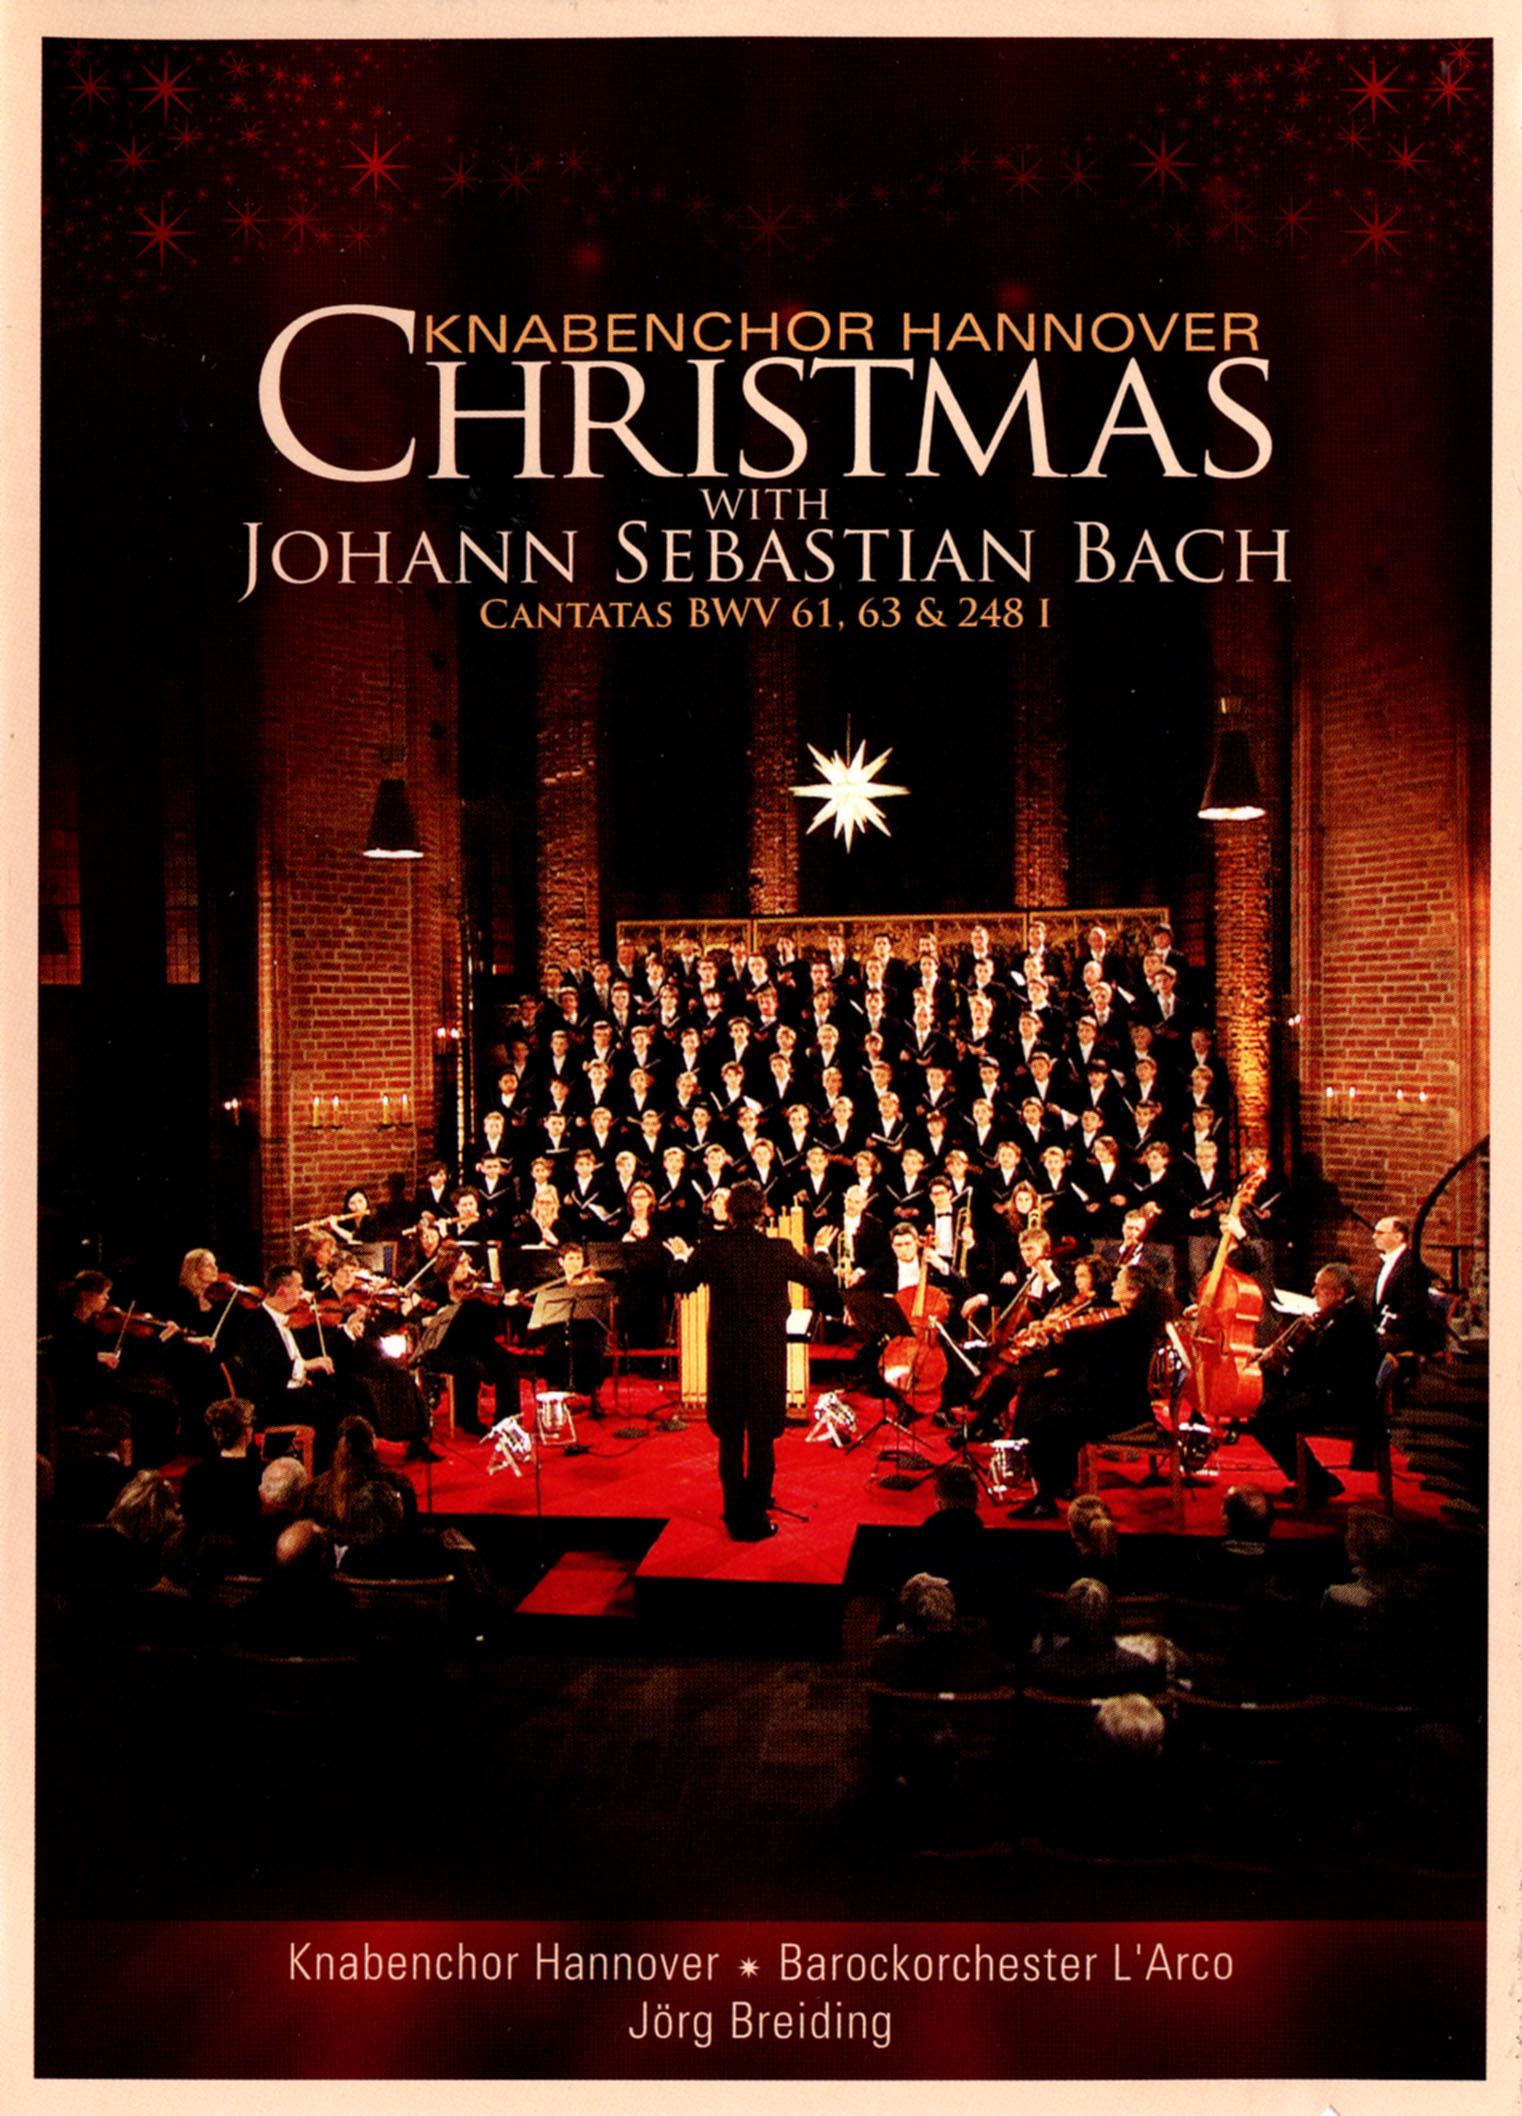 Knabenchor Hannover: Christmas with Johann Sebastian Bach